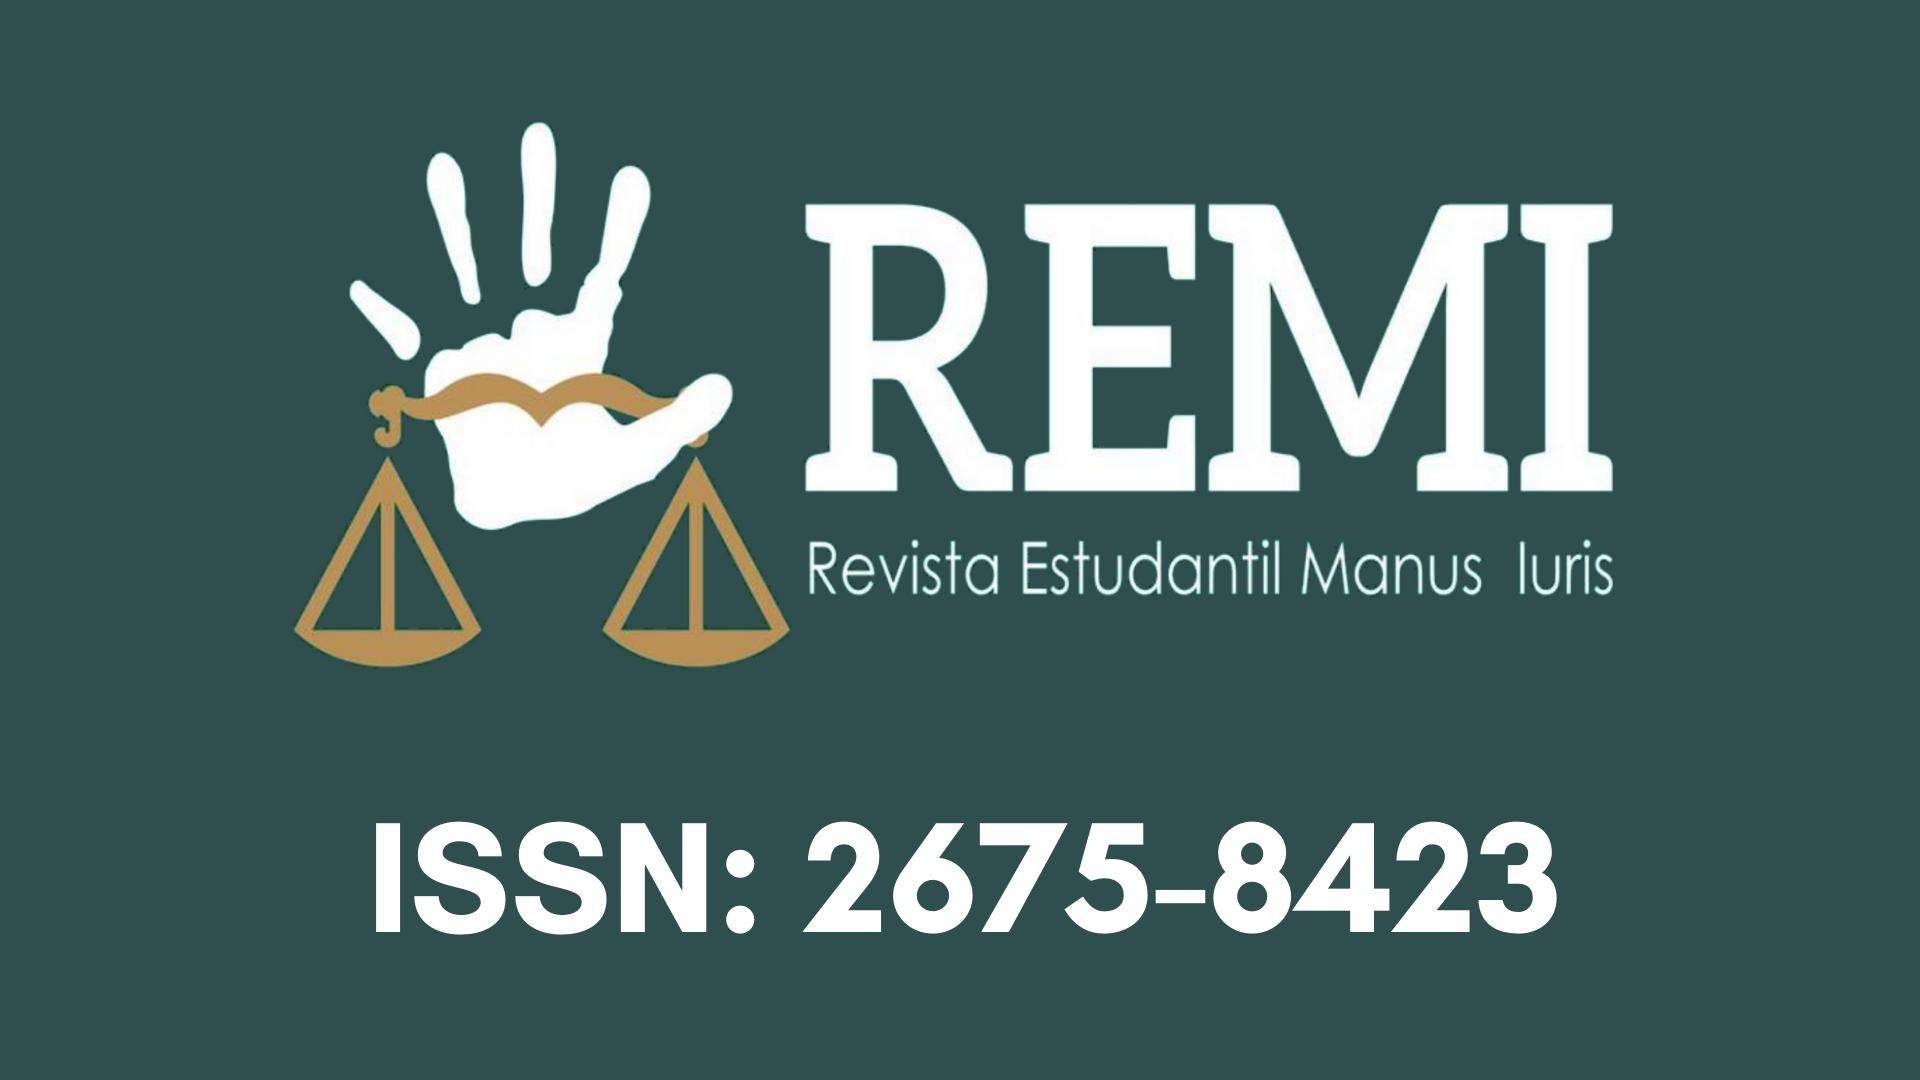 Revista Estudantil Manus Iuris